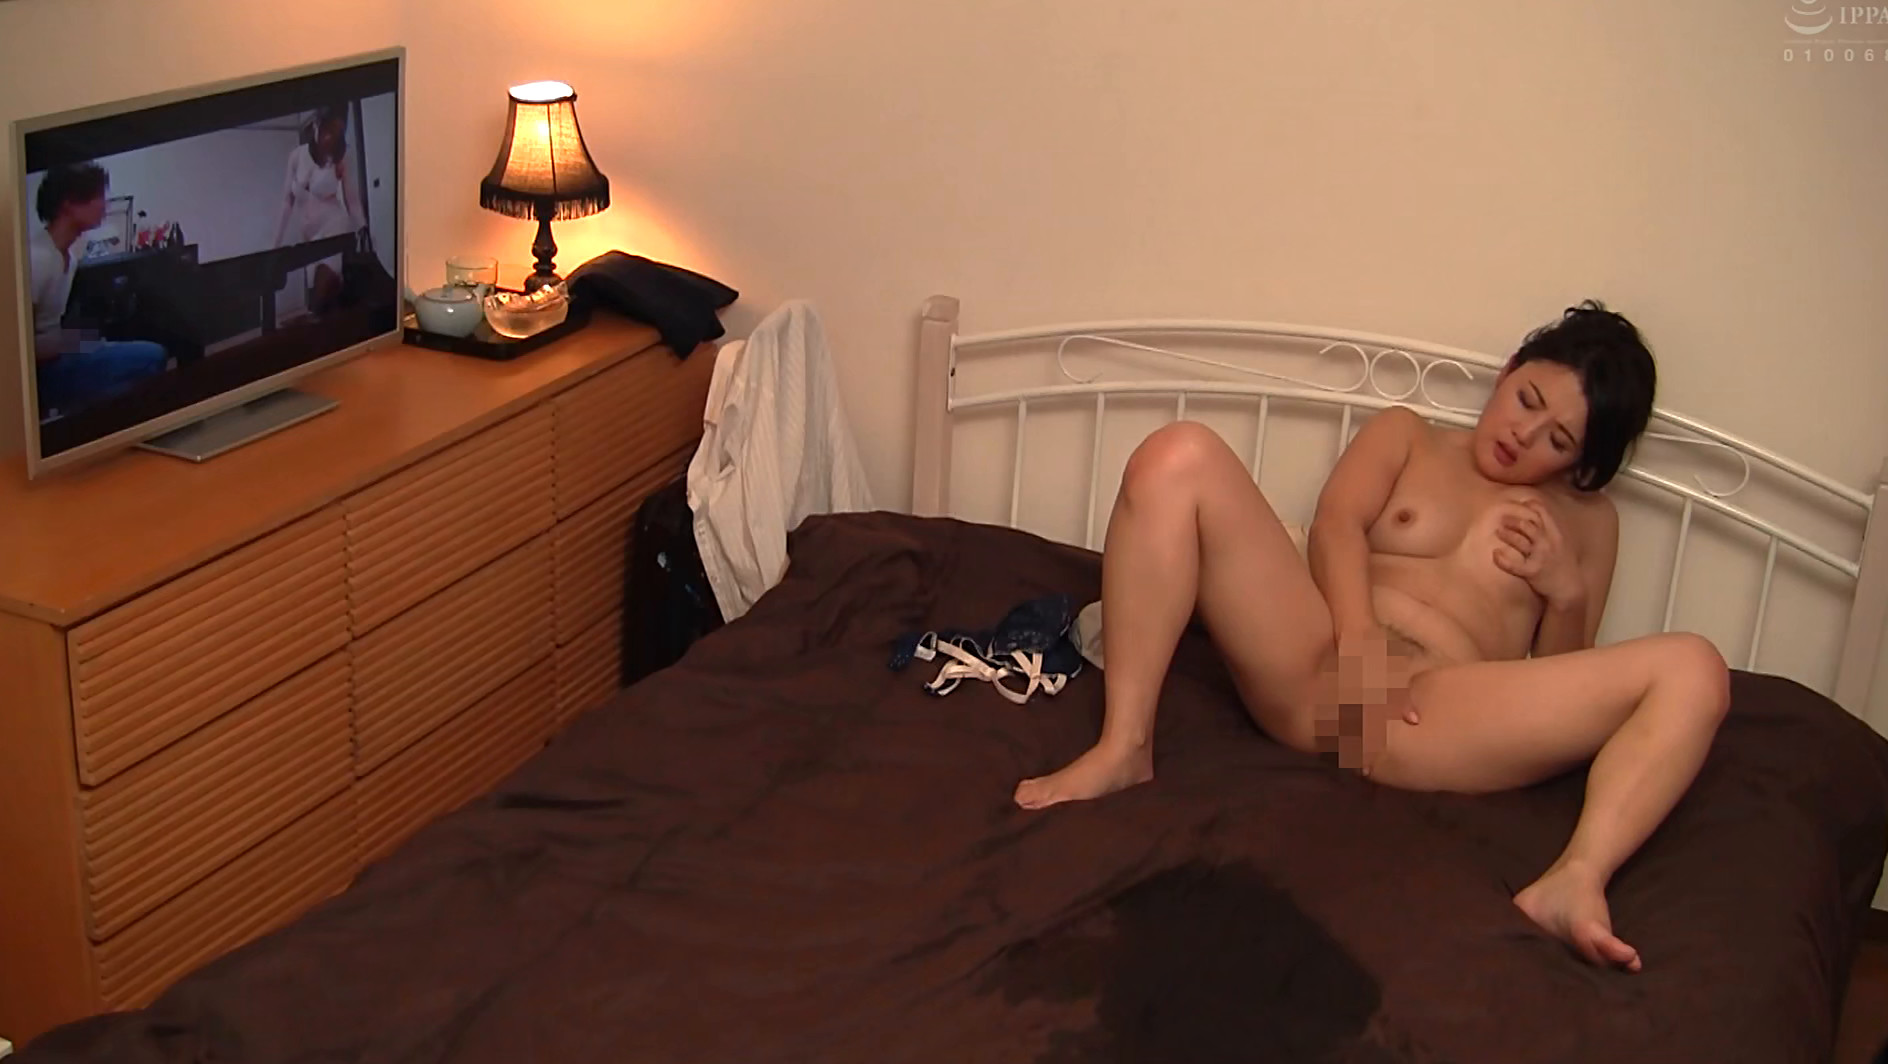 隠しカメラとエロ本、DVDをオナネタに仕掛けて働く熟女のオナニーを撮影できるか? 画像13